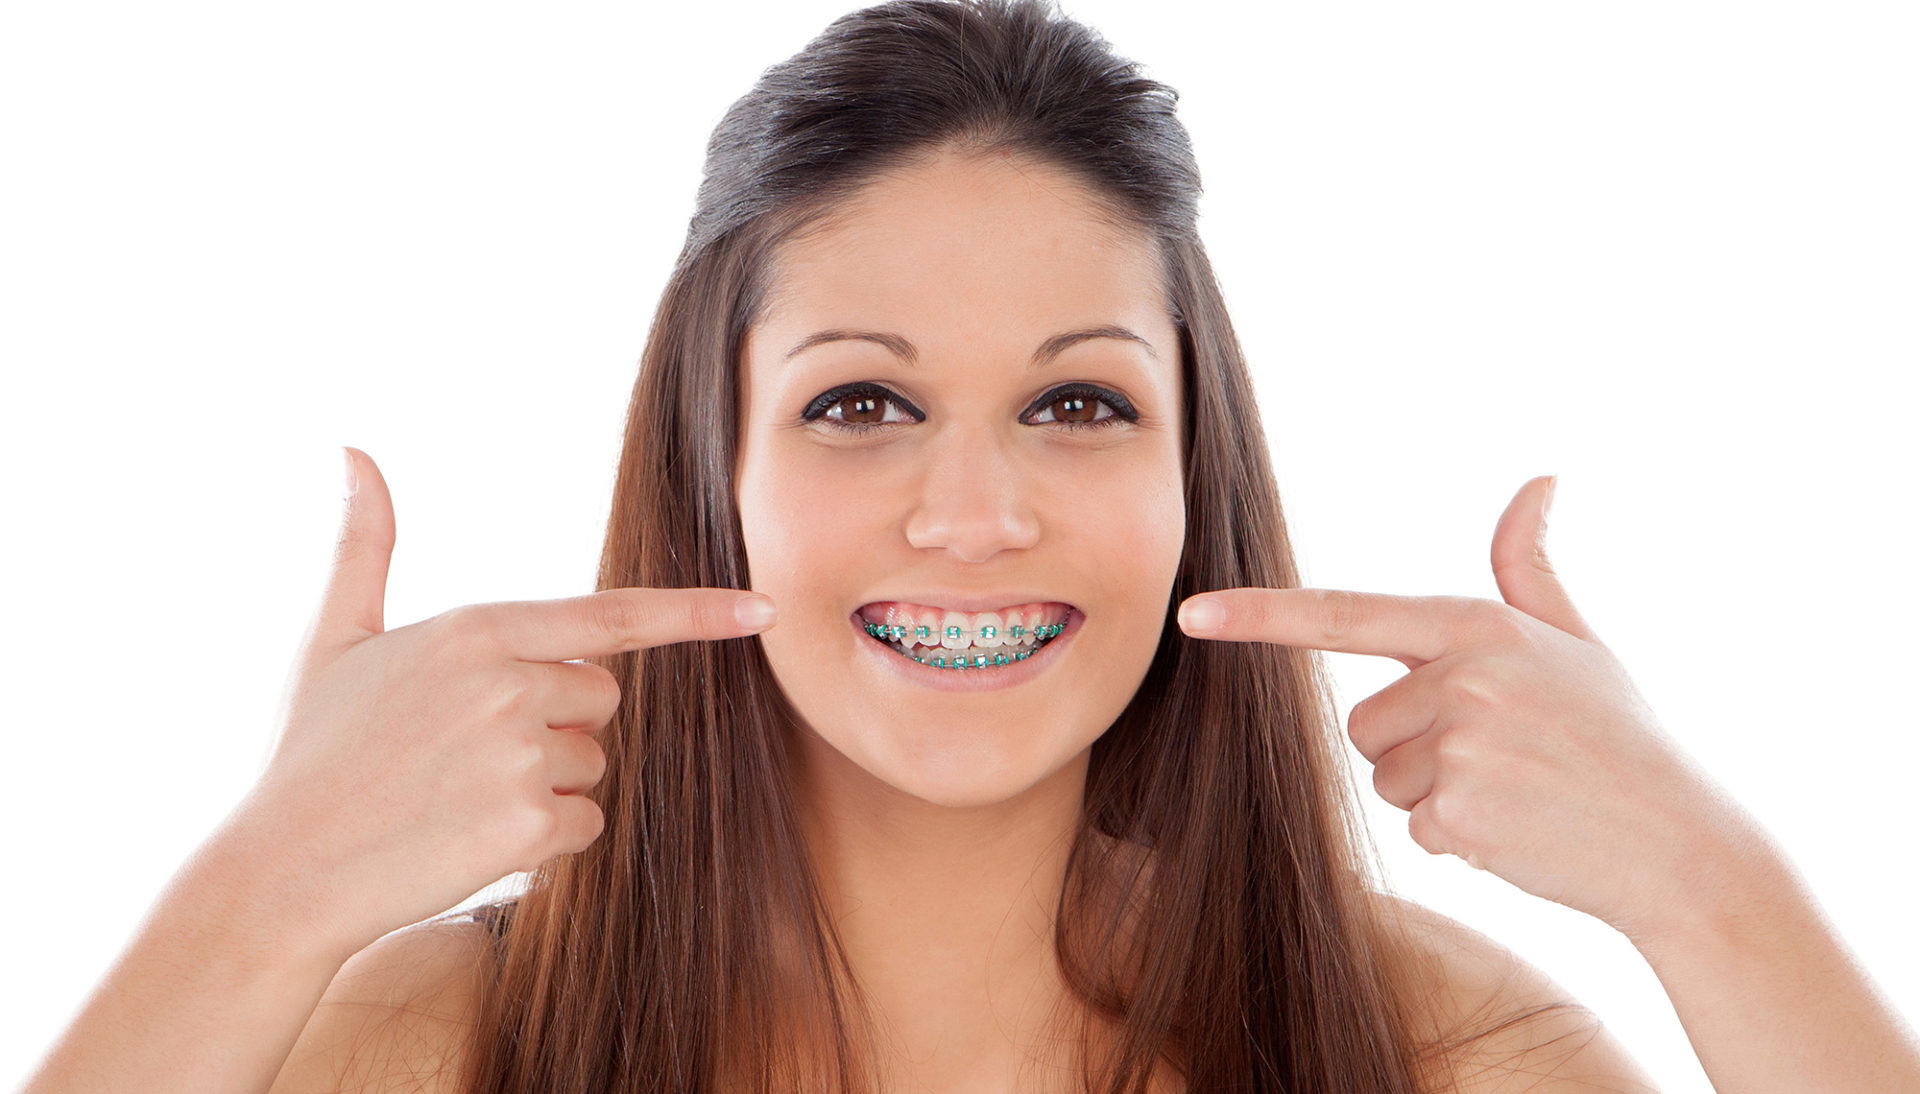 Comodidad, estética, funcionalidad…factores importantes a la hora de elegir un tipo de ortodoncia